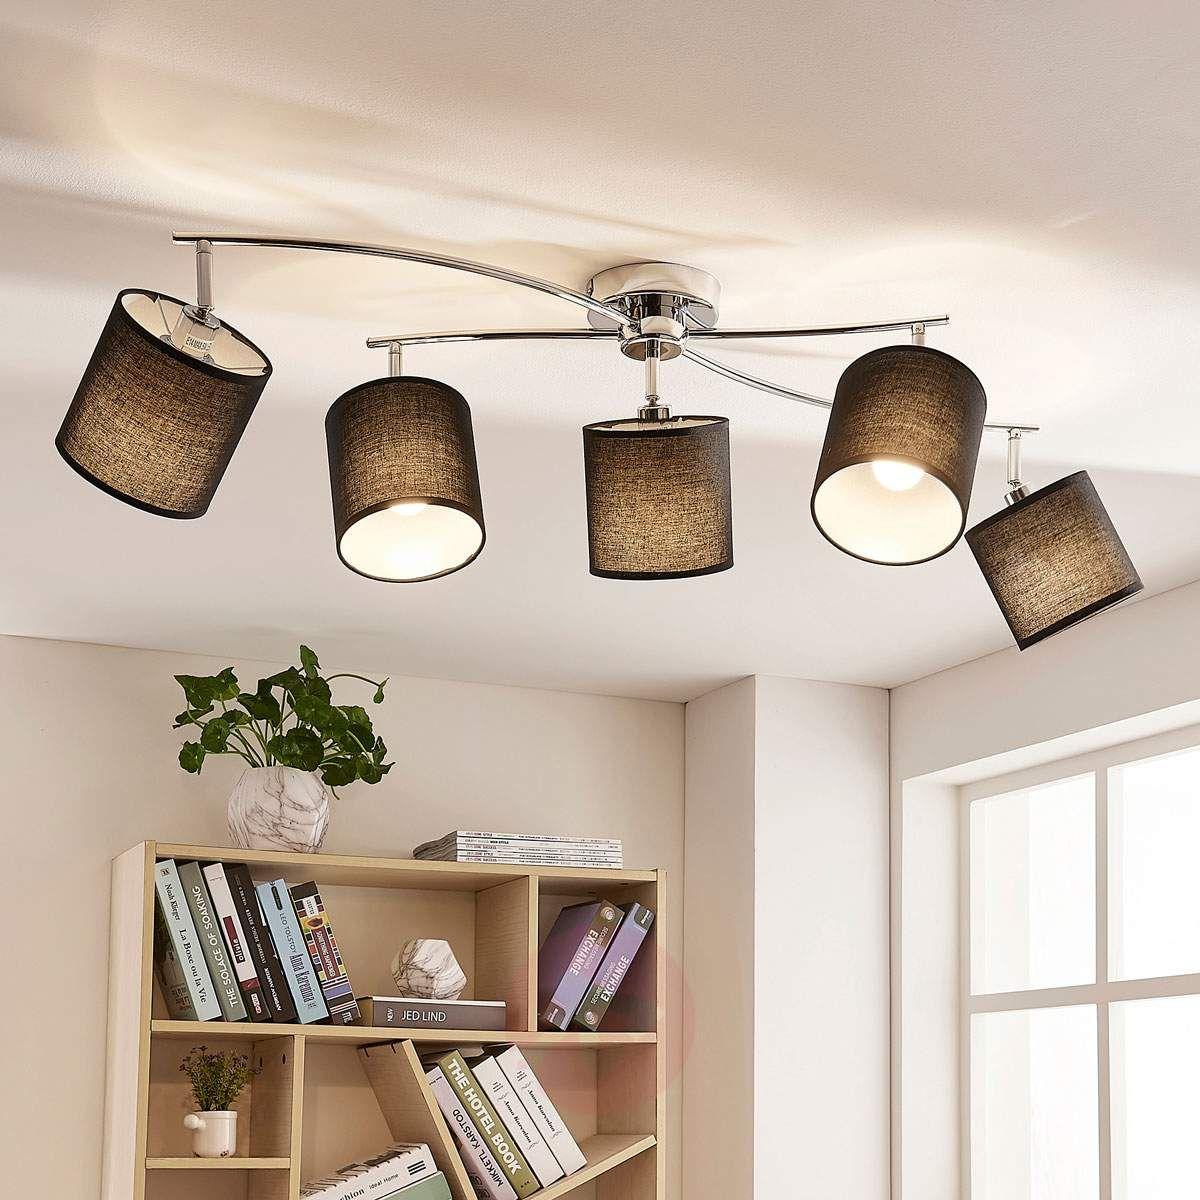 Oświetlenie Przedpokoju Sufitowe Lampy Sufitowe Wiszace Do